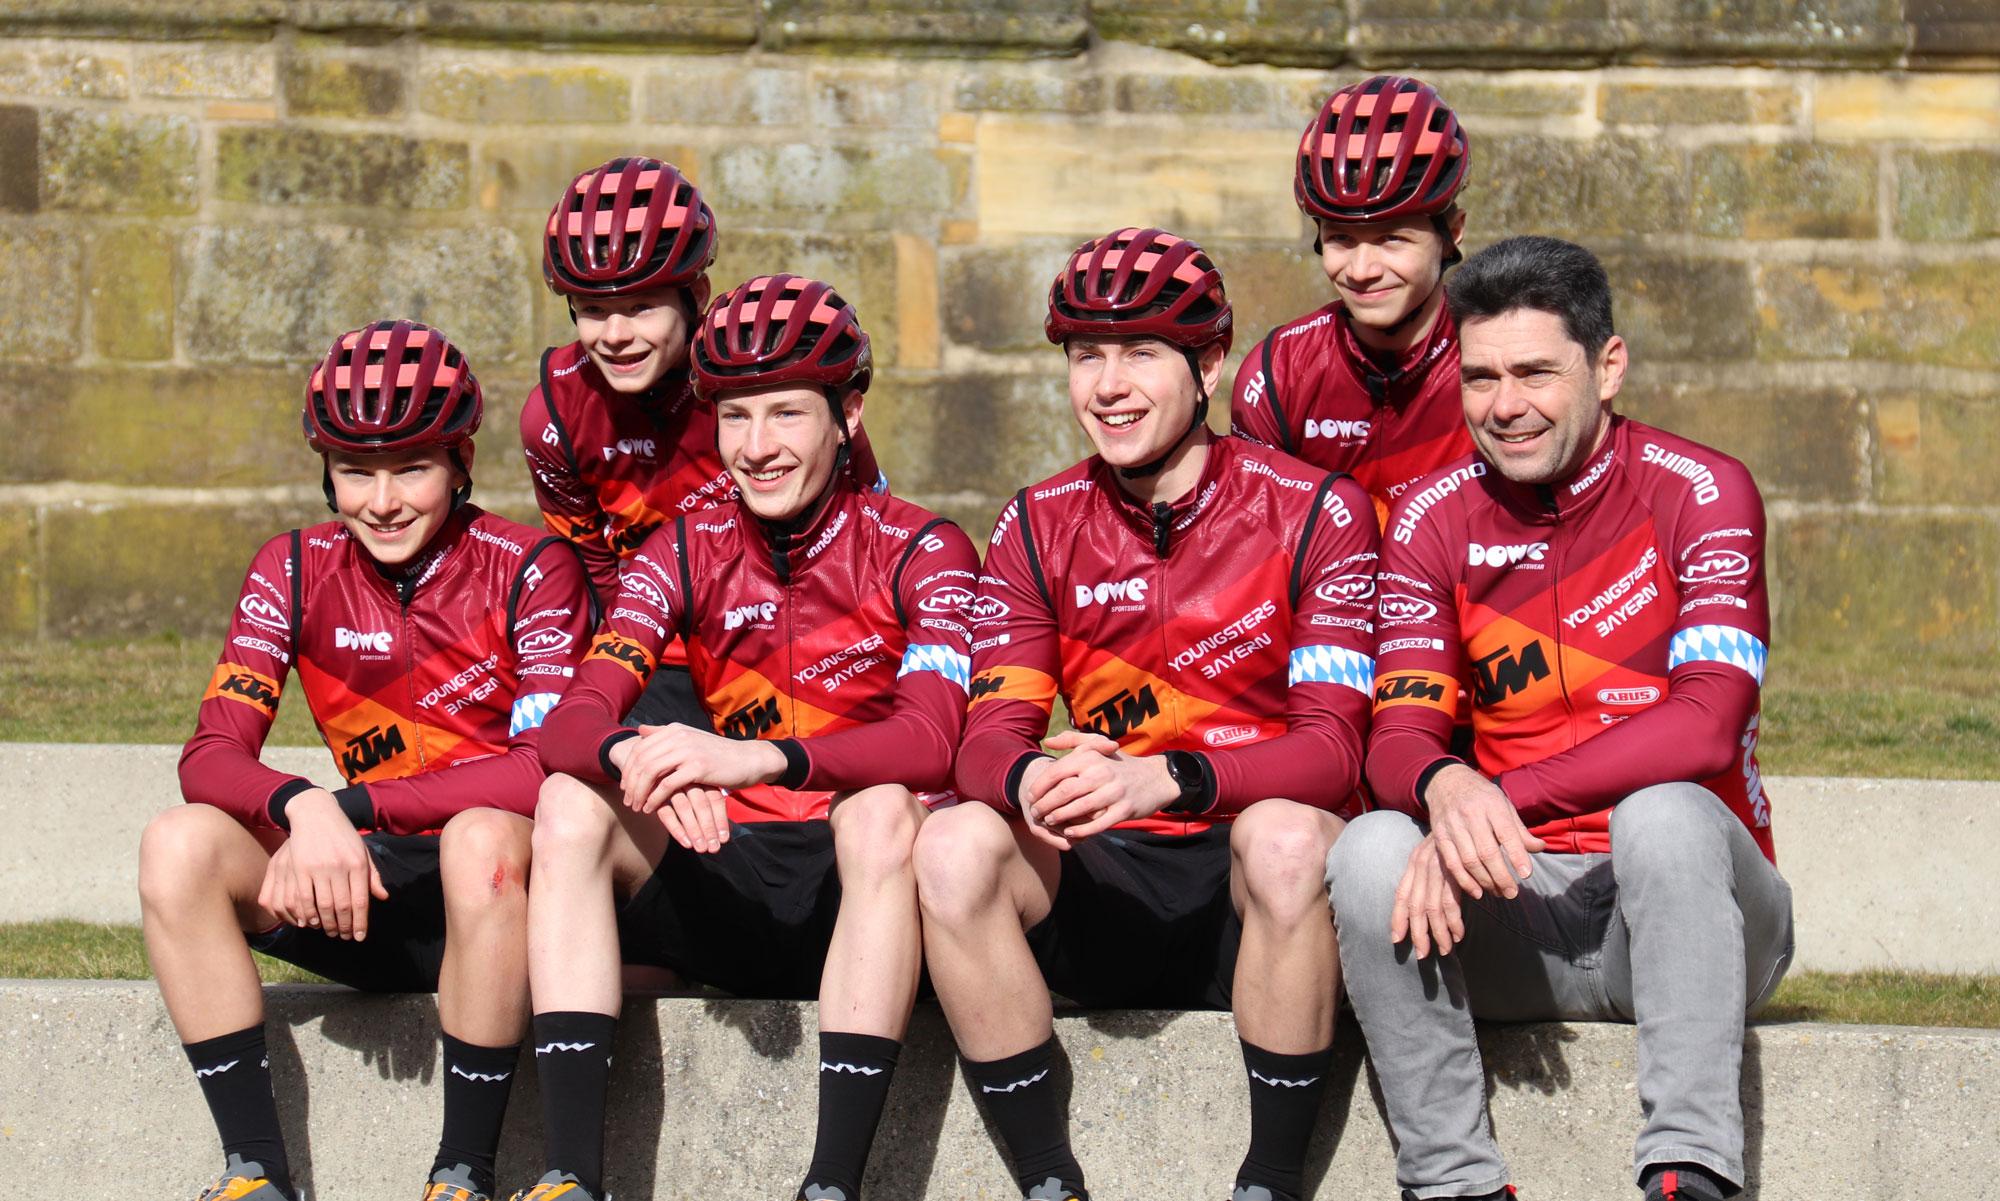 Team KTM Youngsters aus Bayern mit Trikots und Hosen von DOWE Sportswear